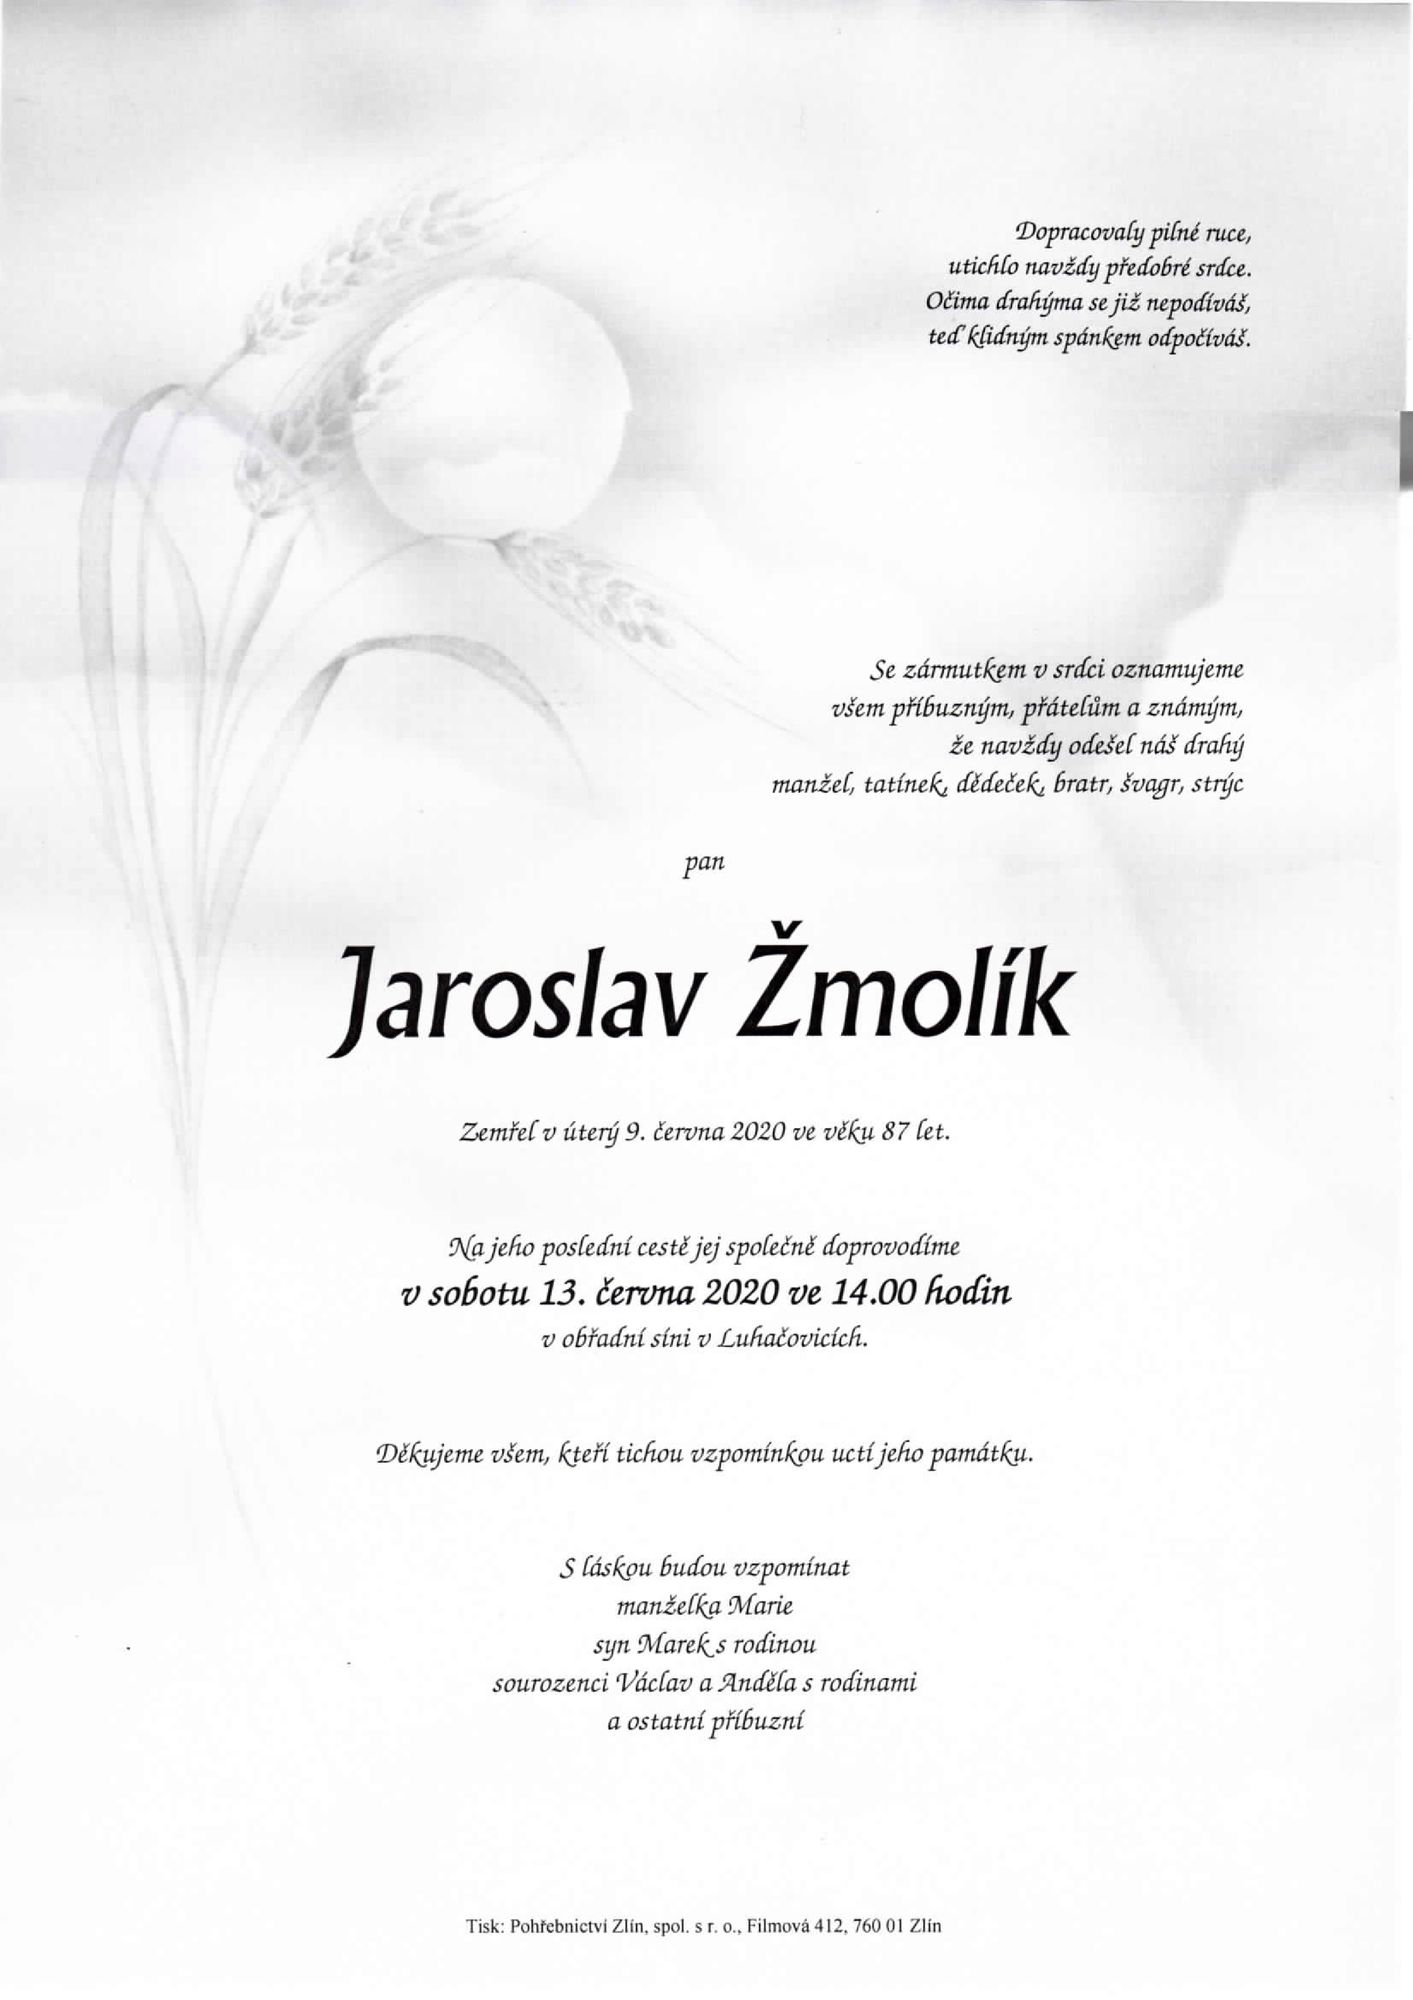 Jaroslav Žmolík